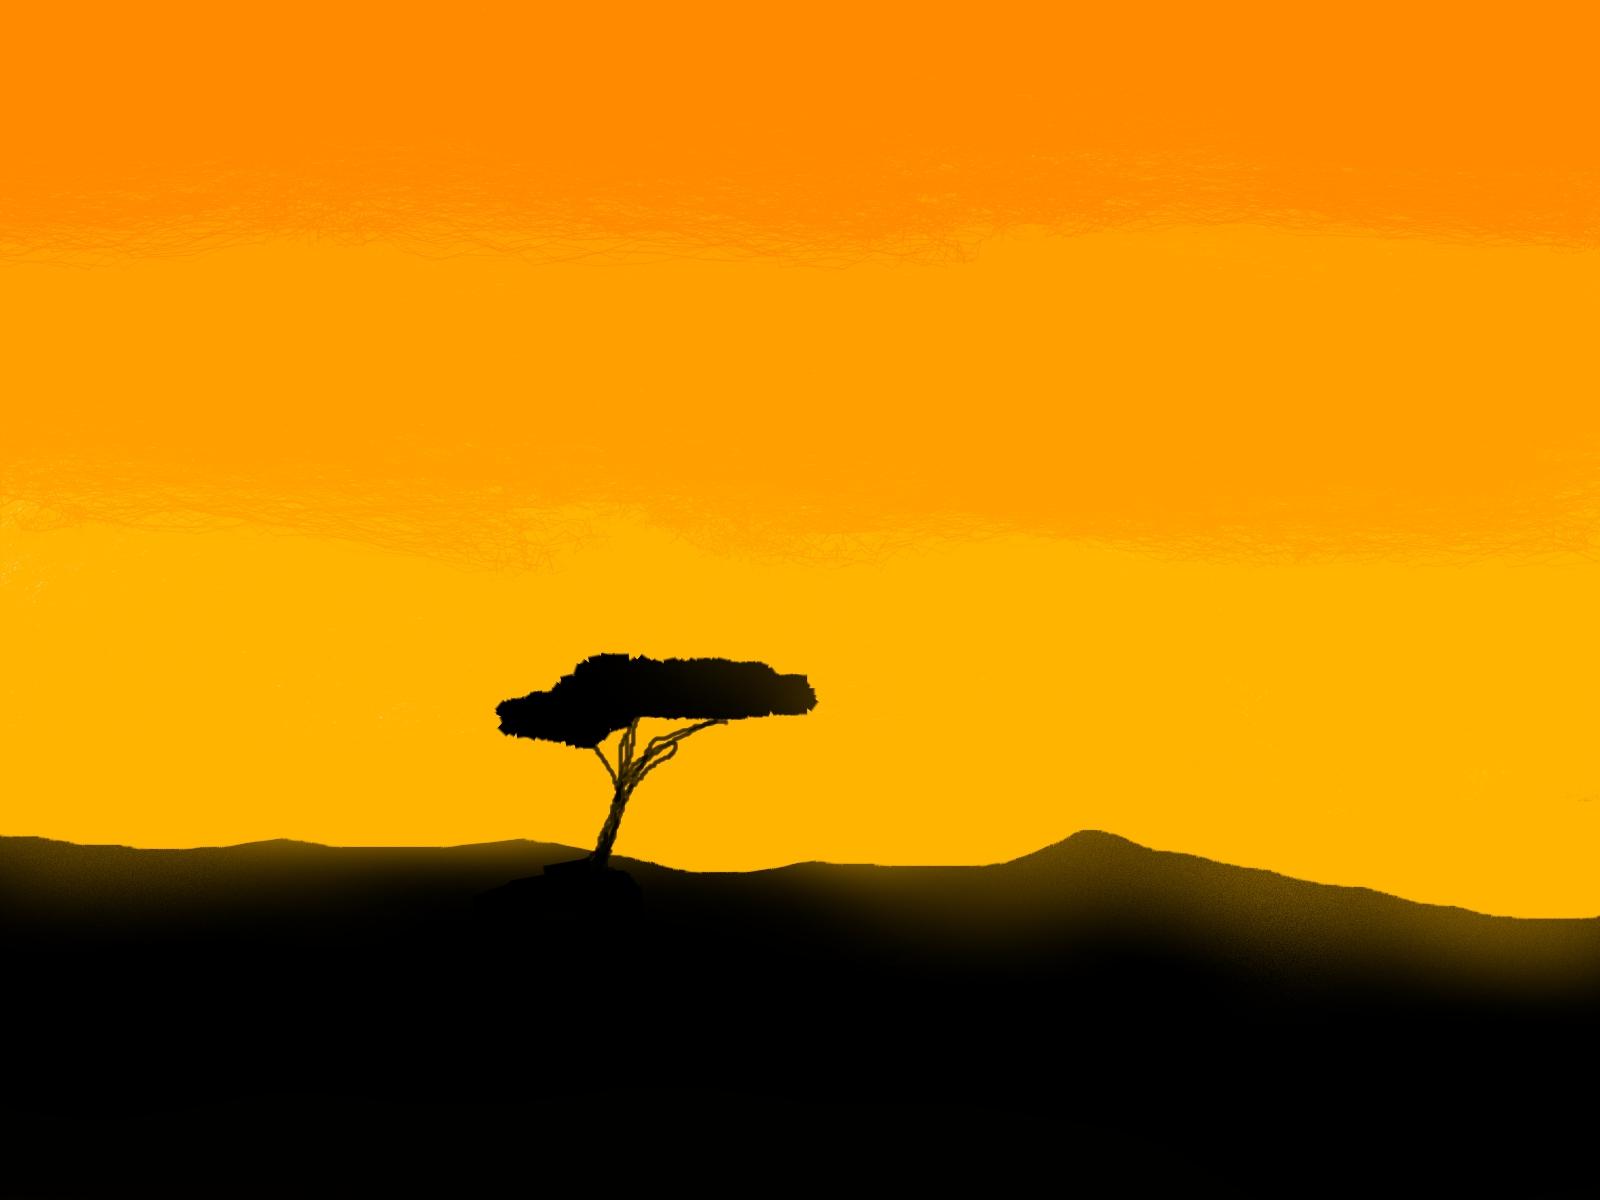 Sunset Savannah